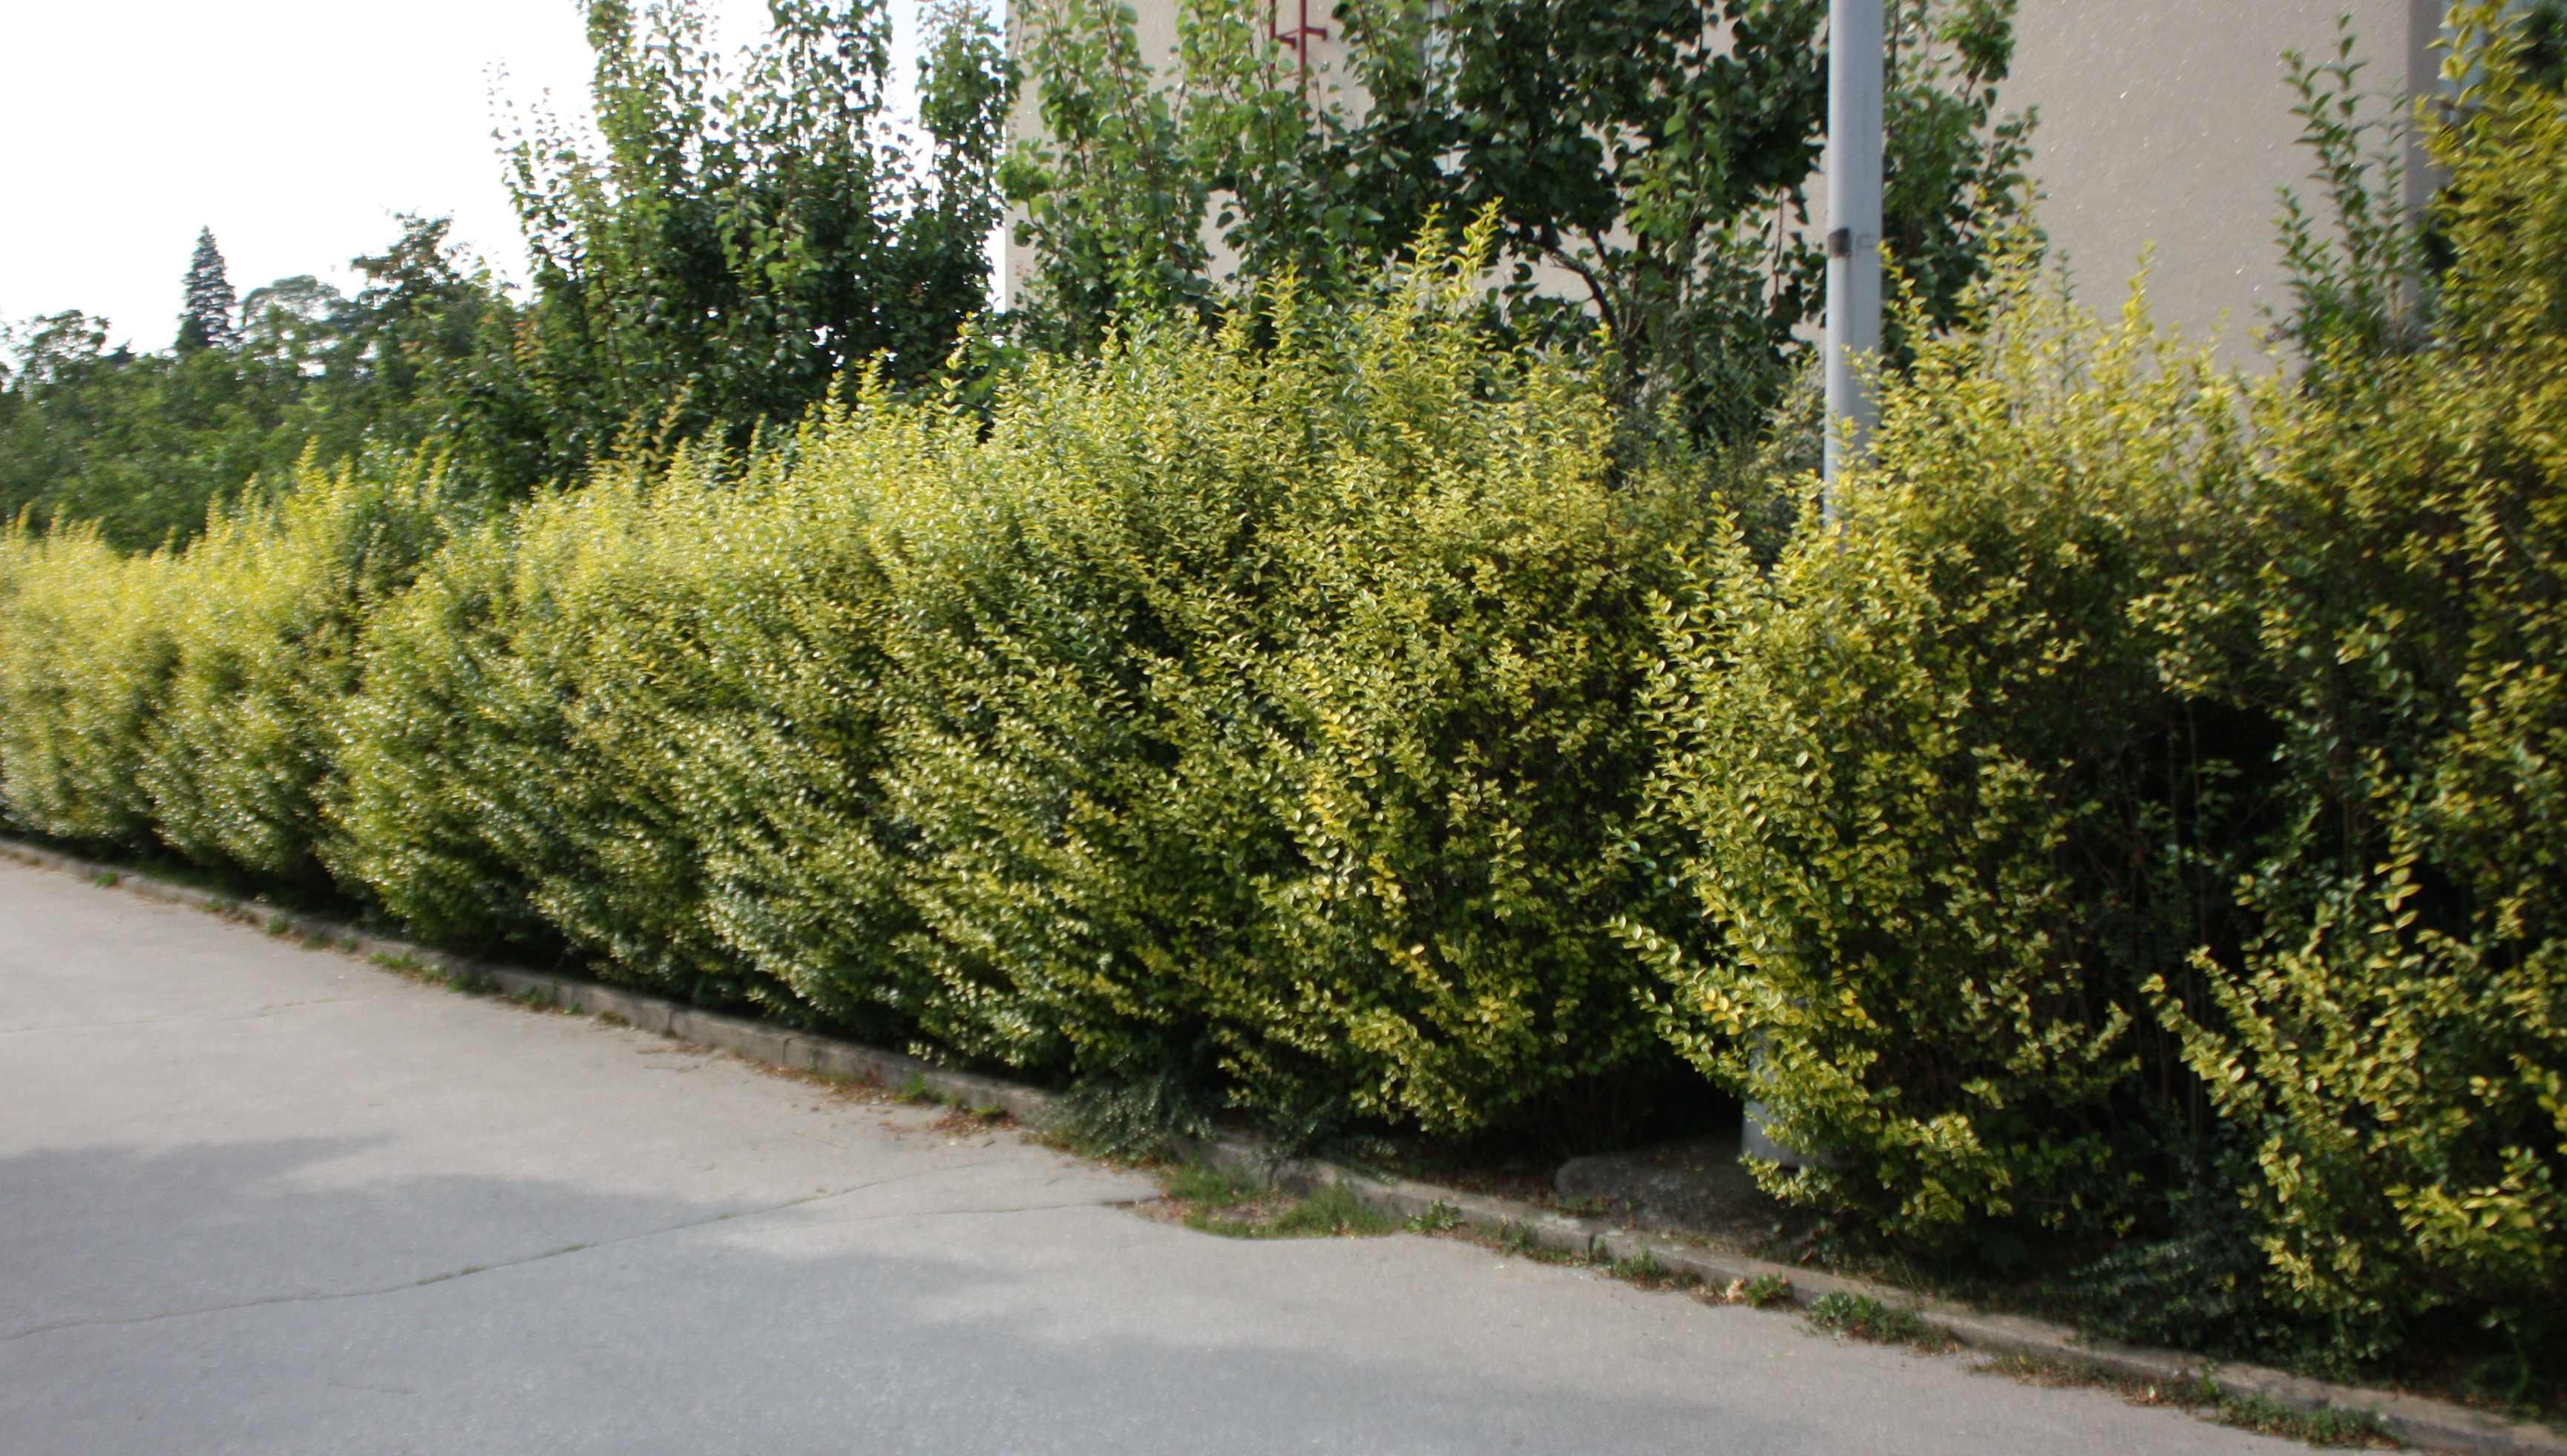 File:Hedge ligustrum ovalifolium aureum.JPG - Wikimedia Commons